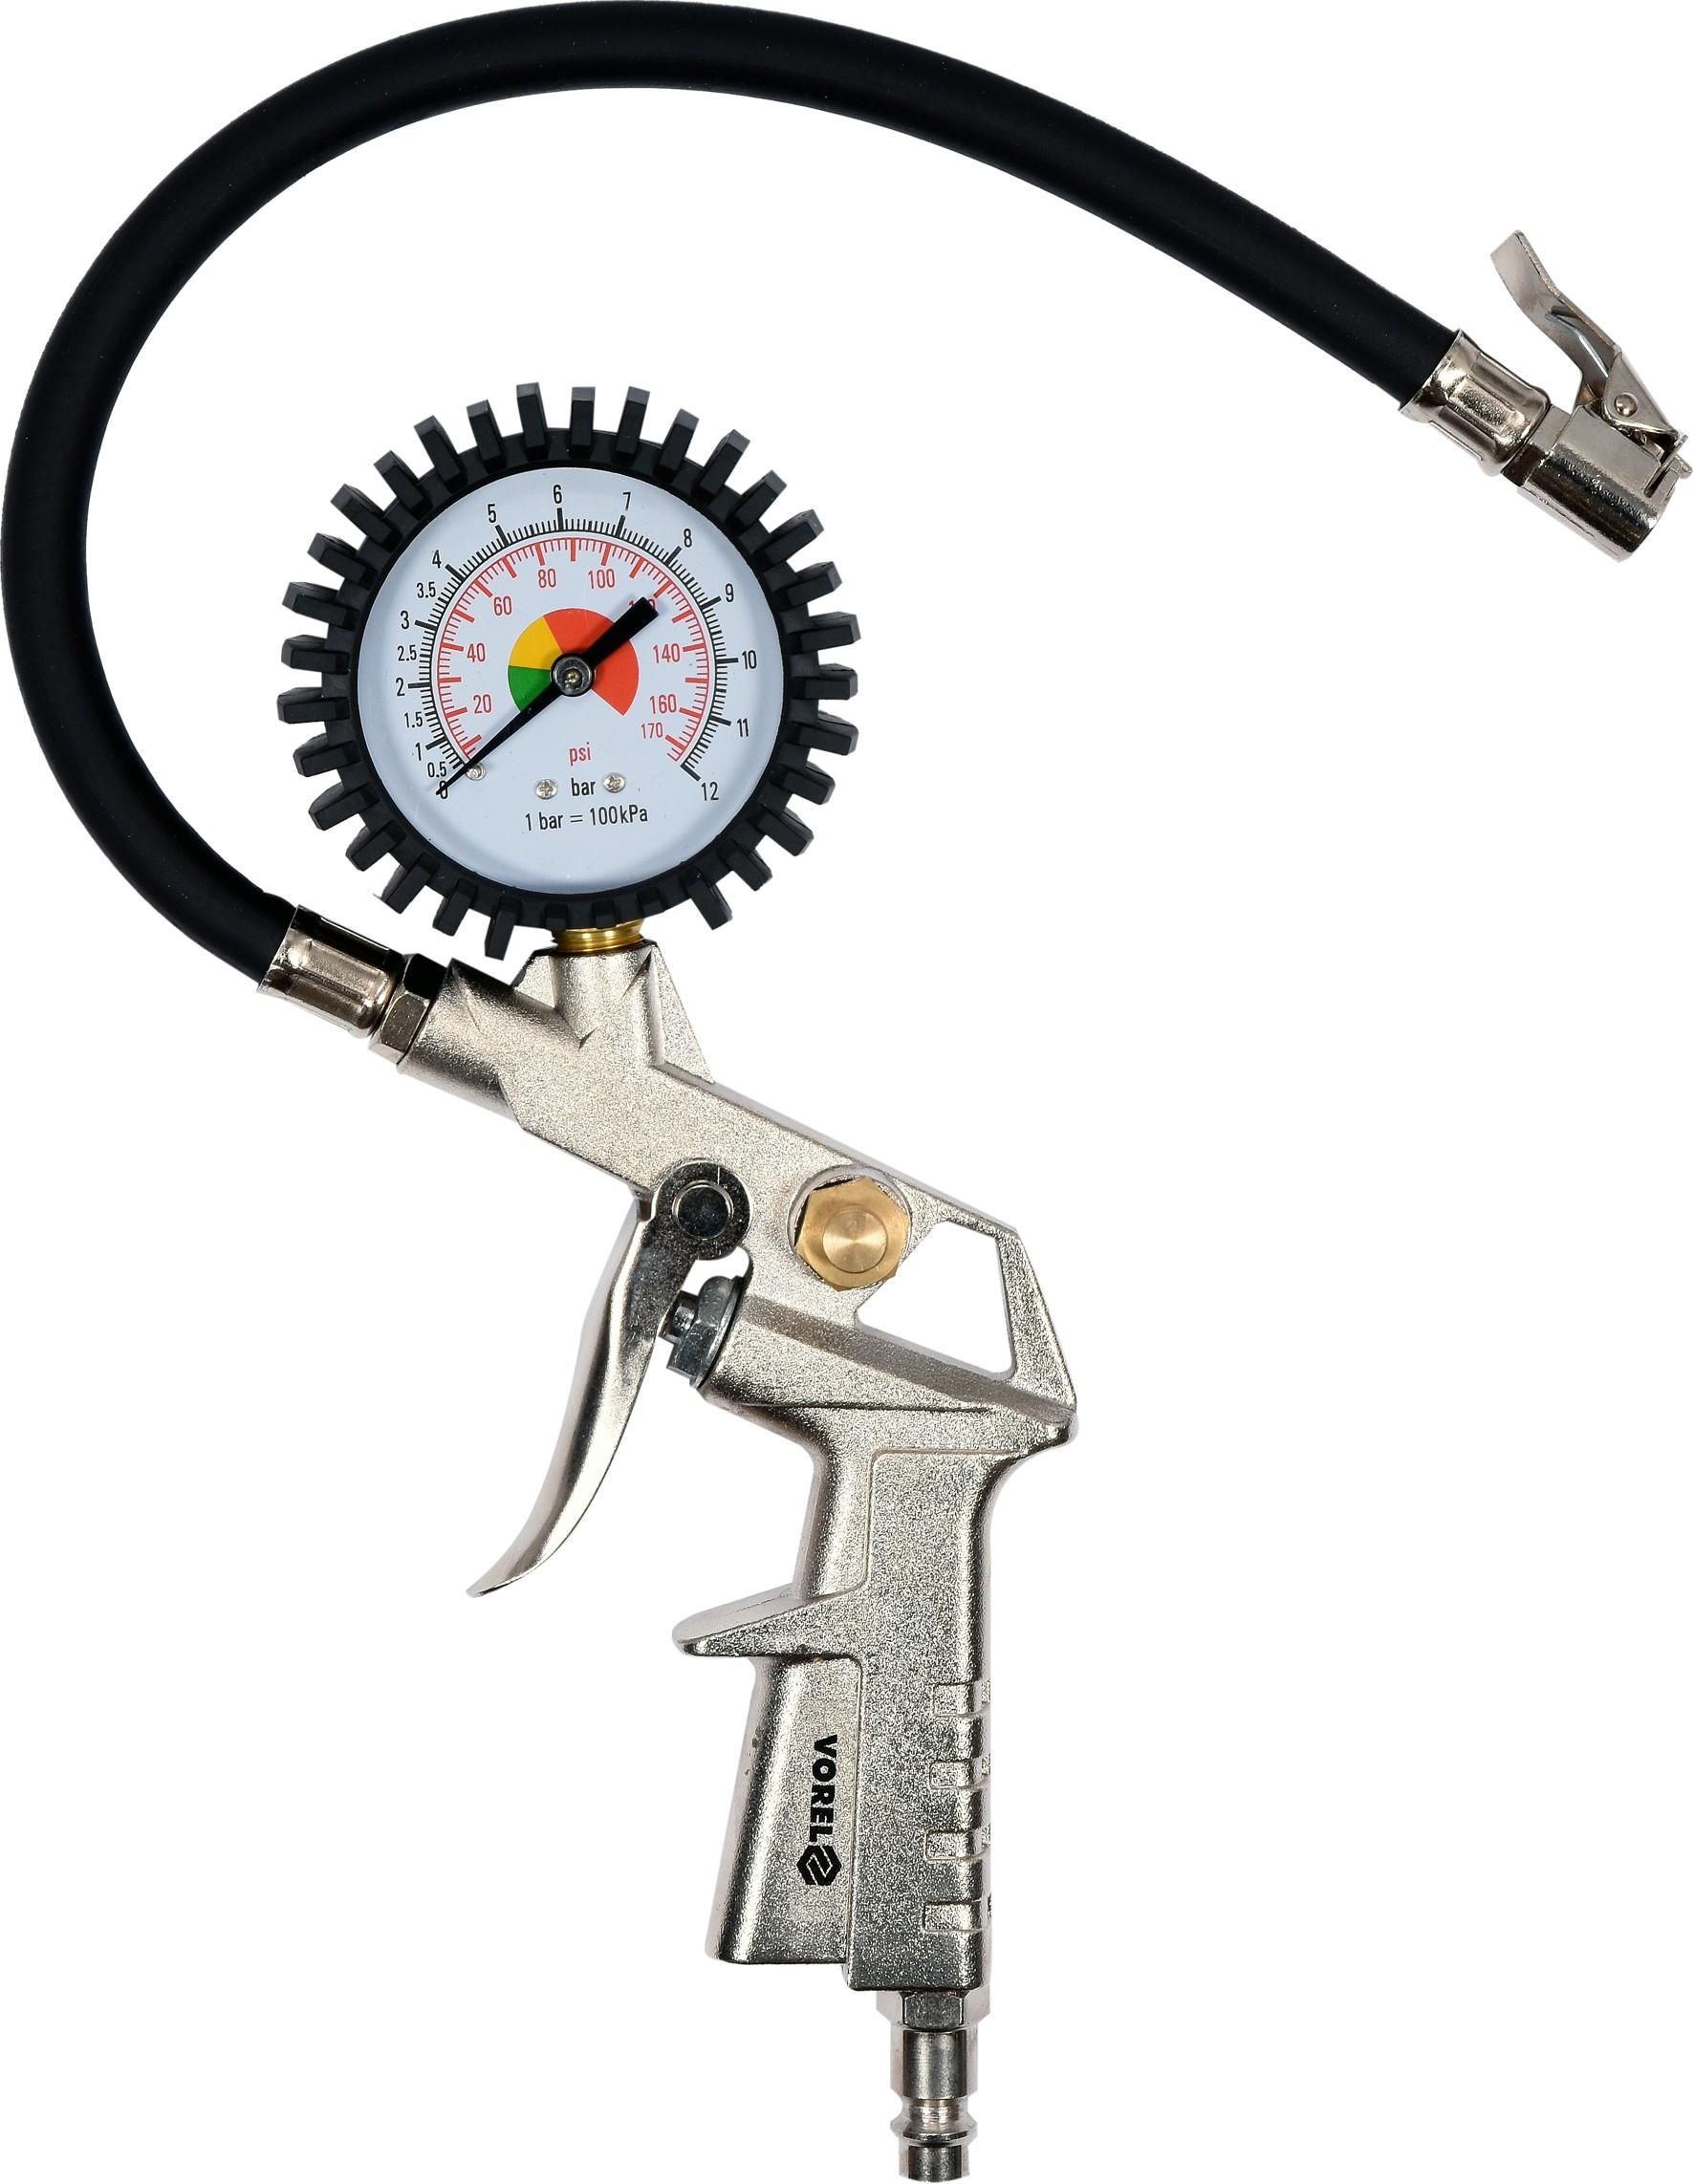 Pistole na hustění pneu s manometrem 2,8-10 bar